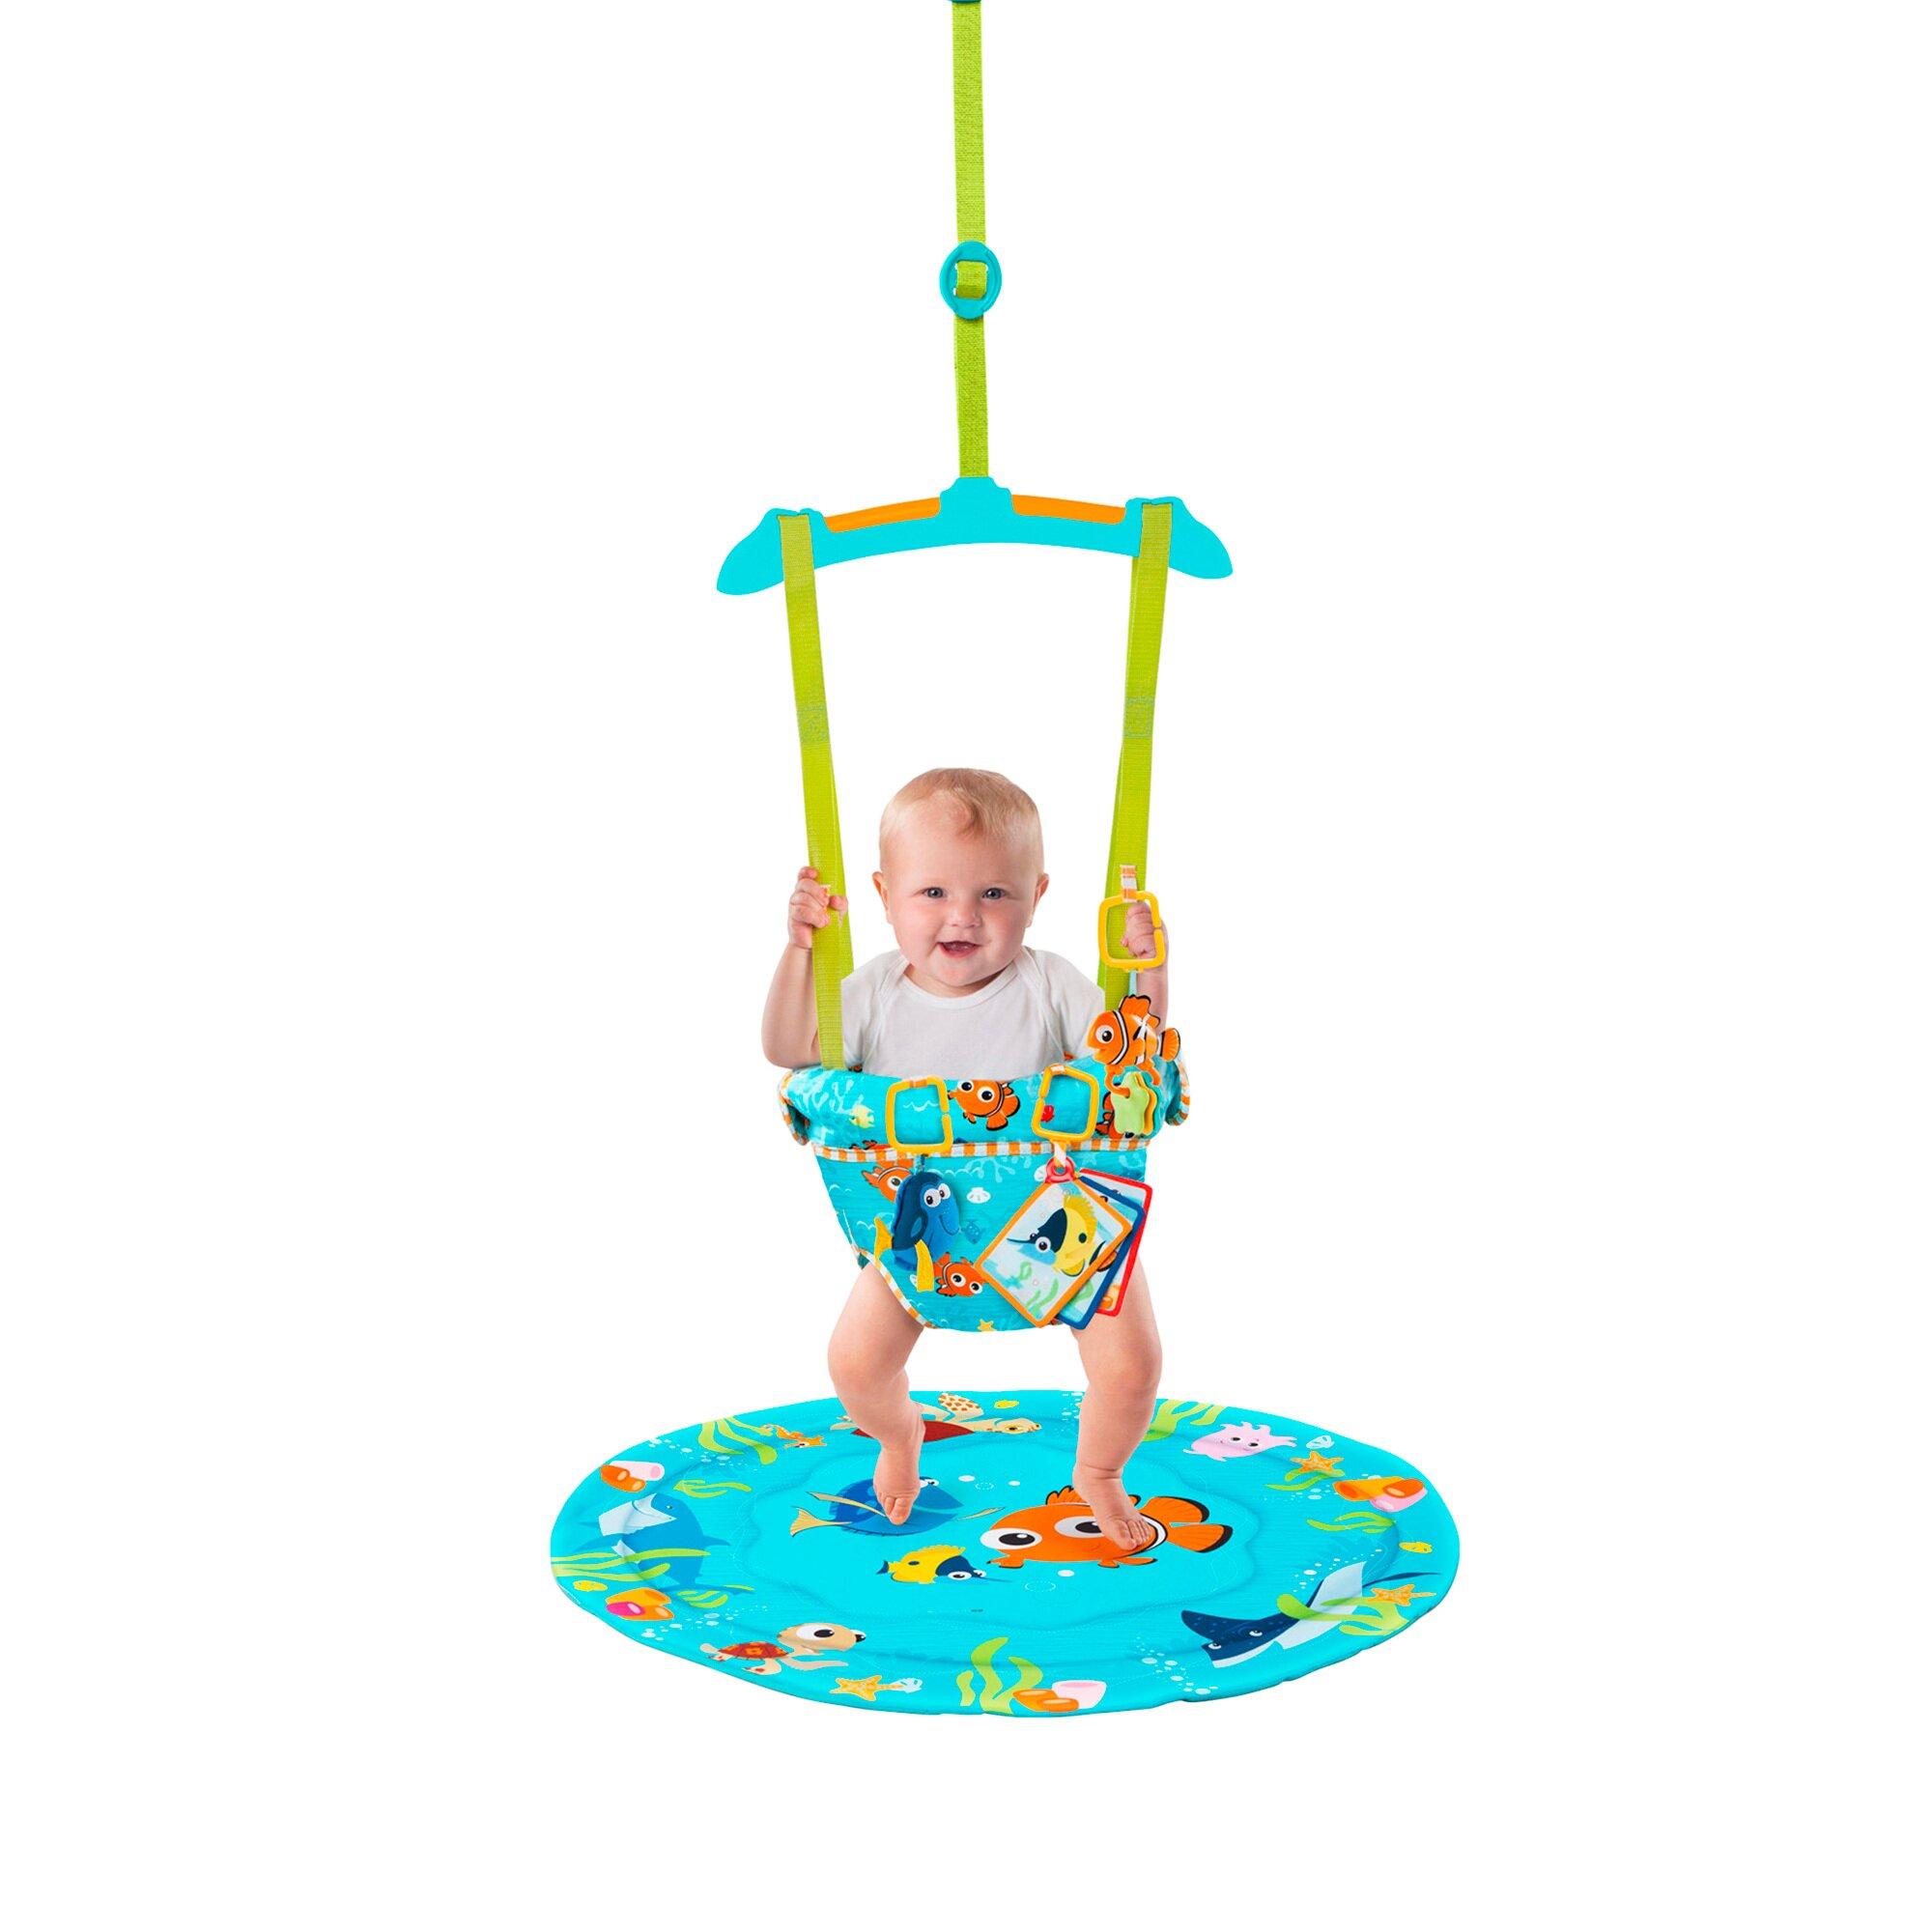 disney-baby-turhopser-finding-nemo-sea-of-activities-door-jumper